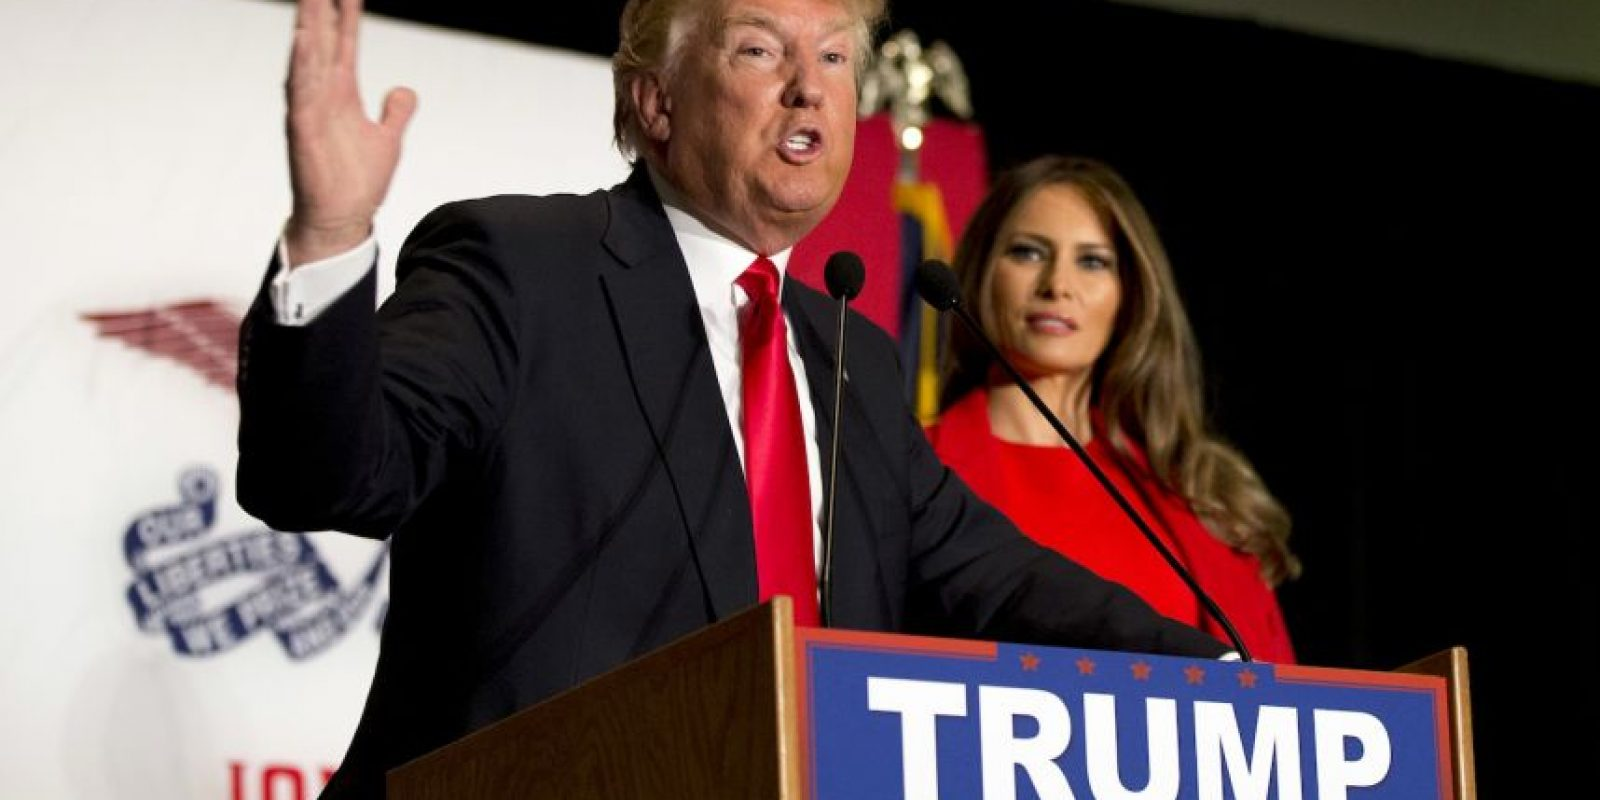 Para Trump, esta visita fue organizada por México con el objetivo de que la frontera permanezca como está. Foto:AP